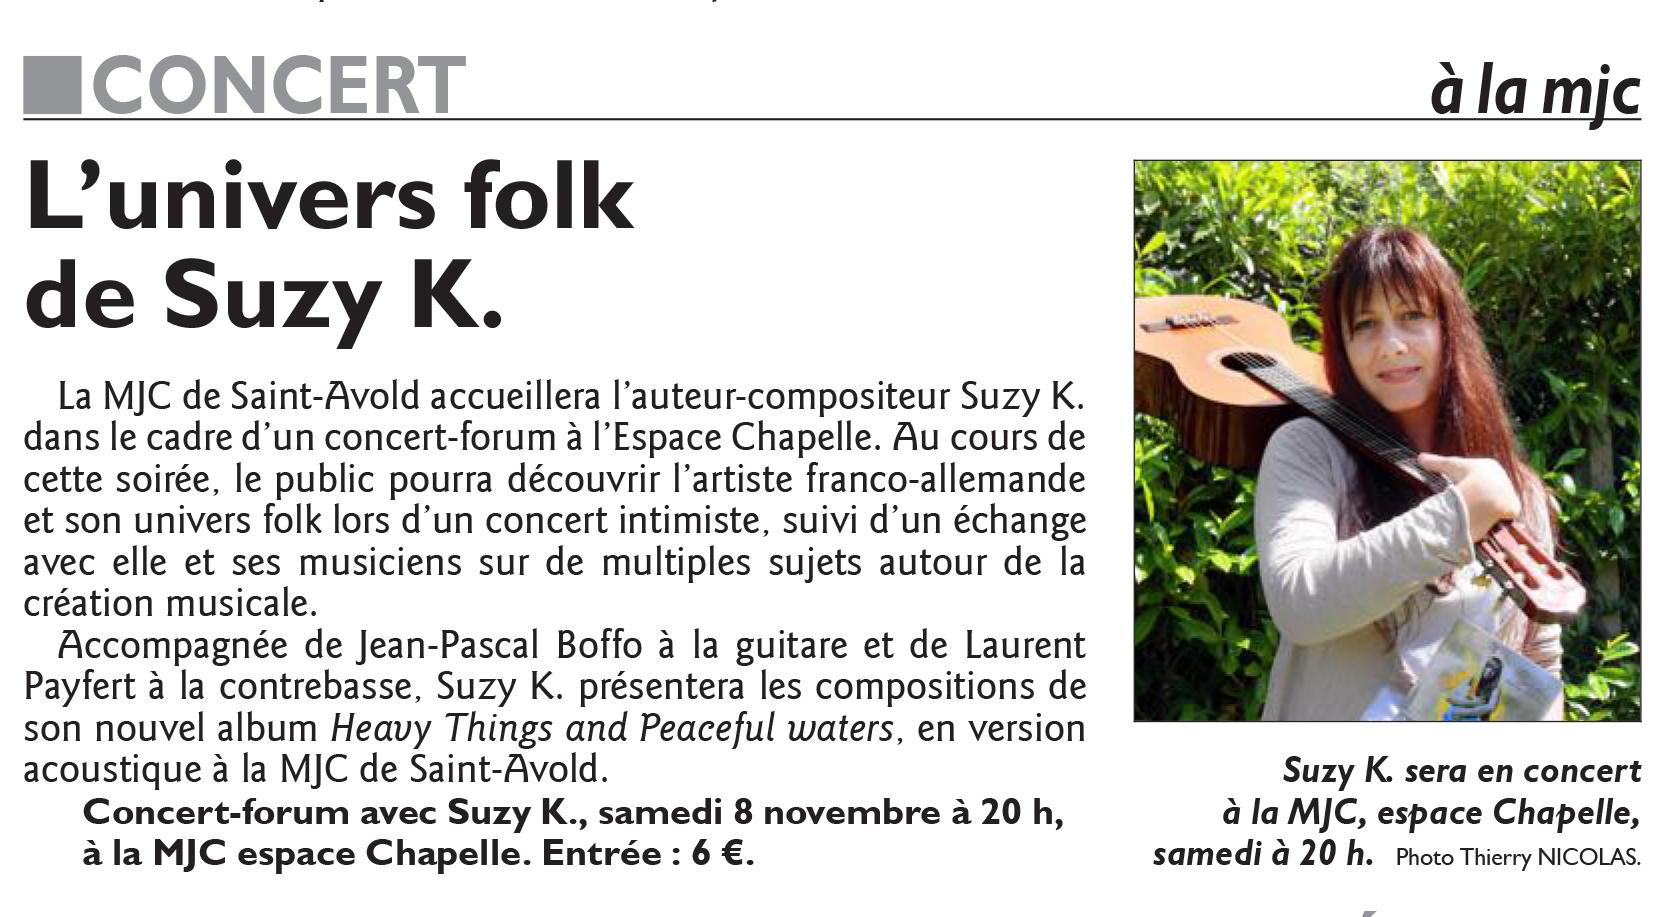 Pdf page 24 edition de saint avold 20141105